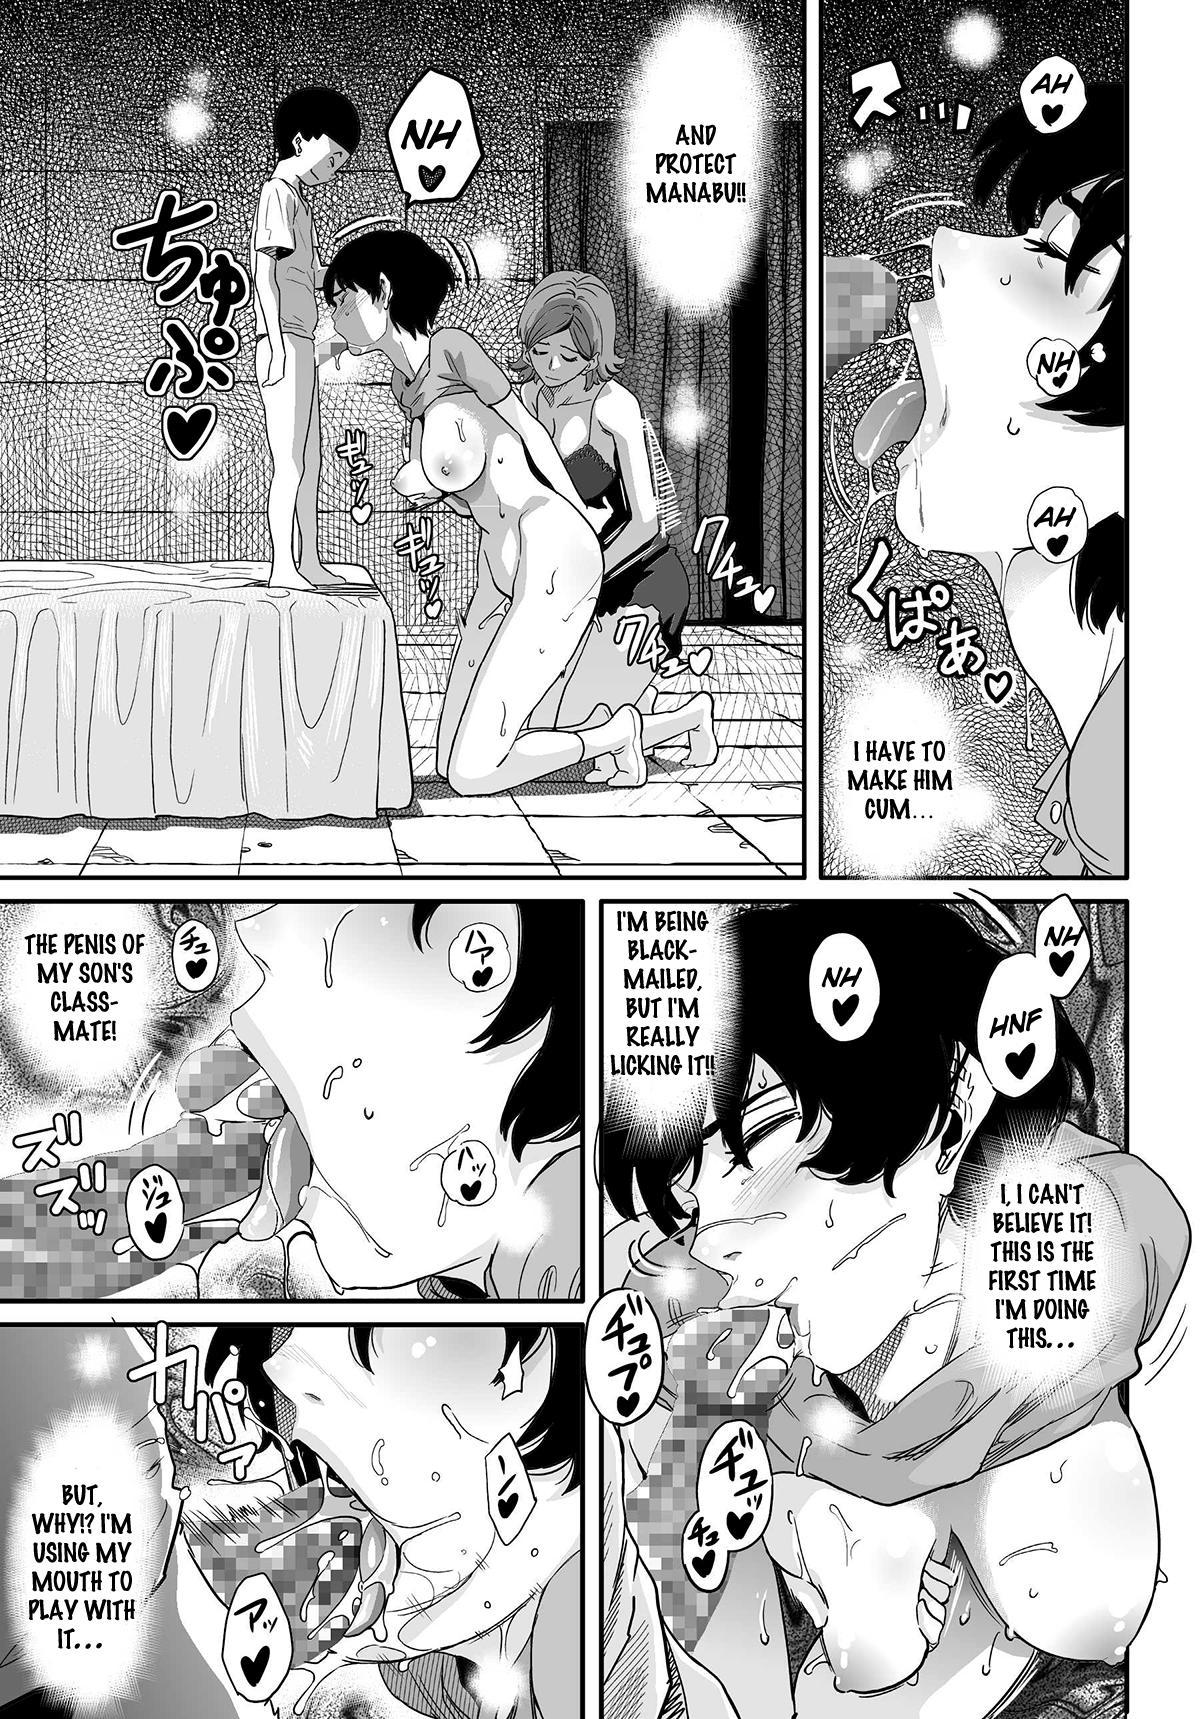 [Hana Hook] Hahaoya Shikkaku - Elite Oyako no M Buta Netorare Tenraku Jinsei & Epilogue Oyako-hen [English/Completed] 48